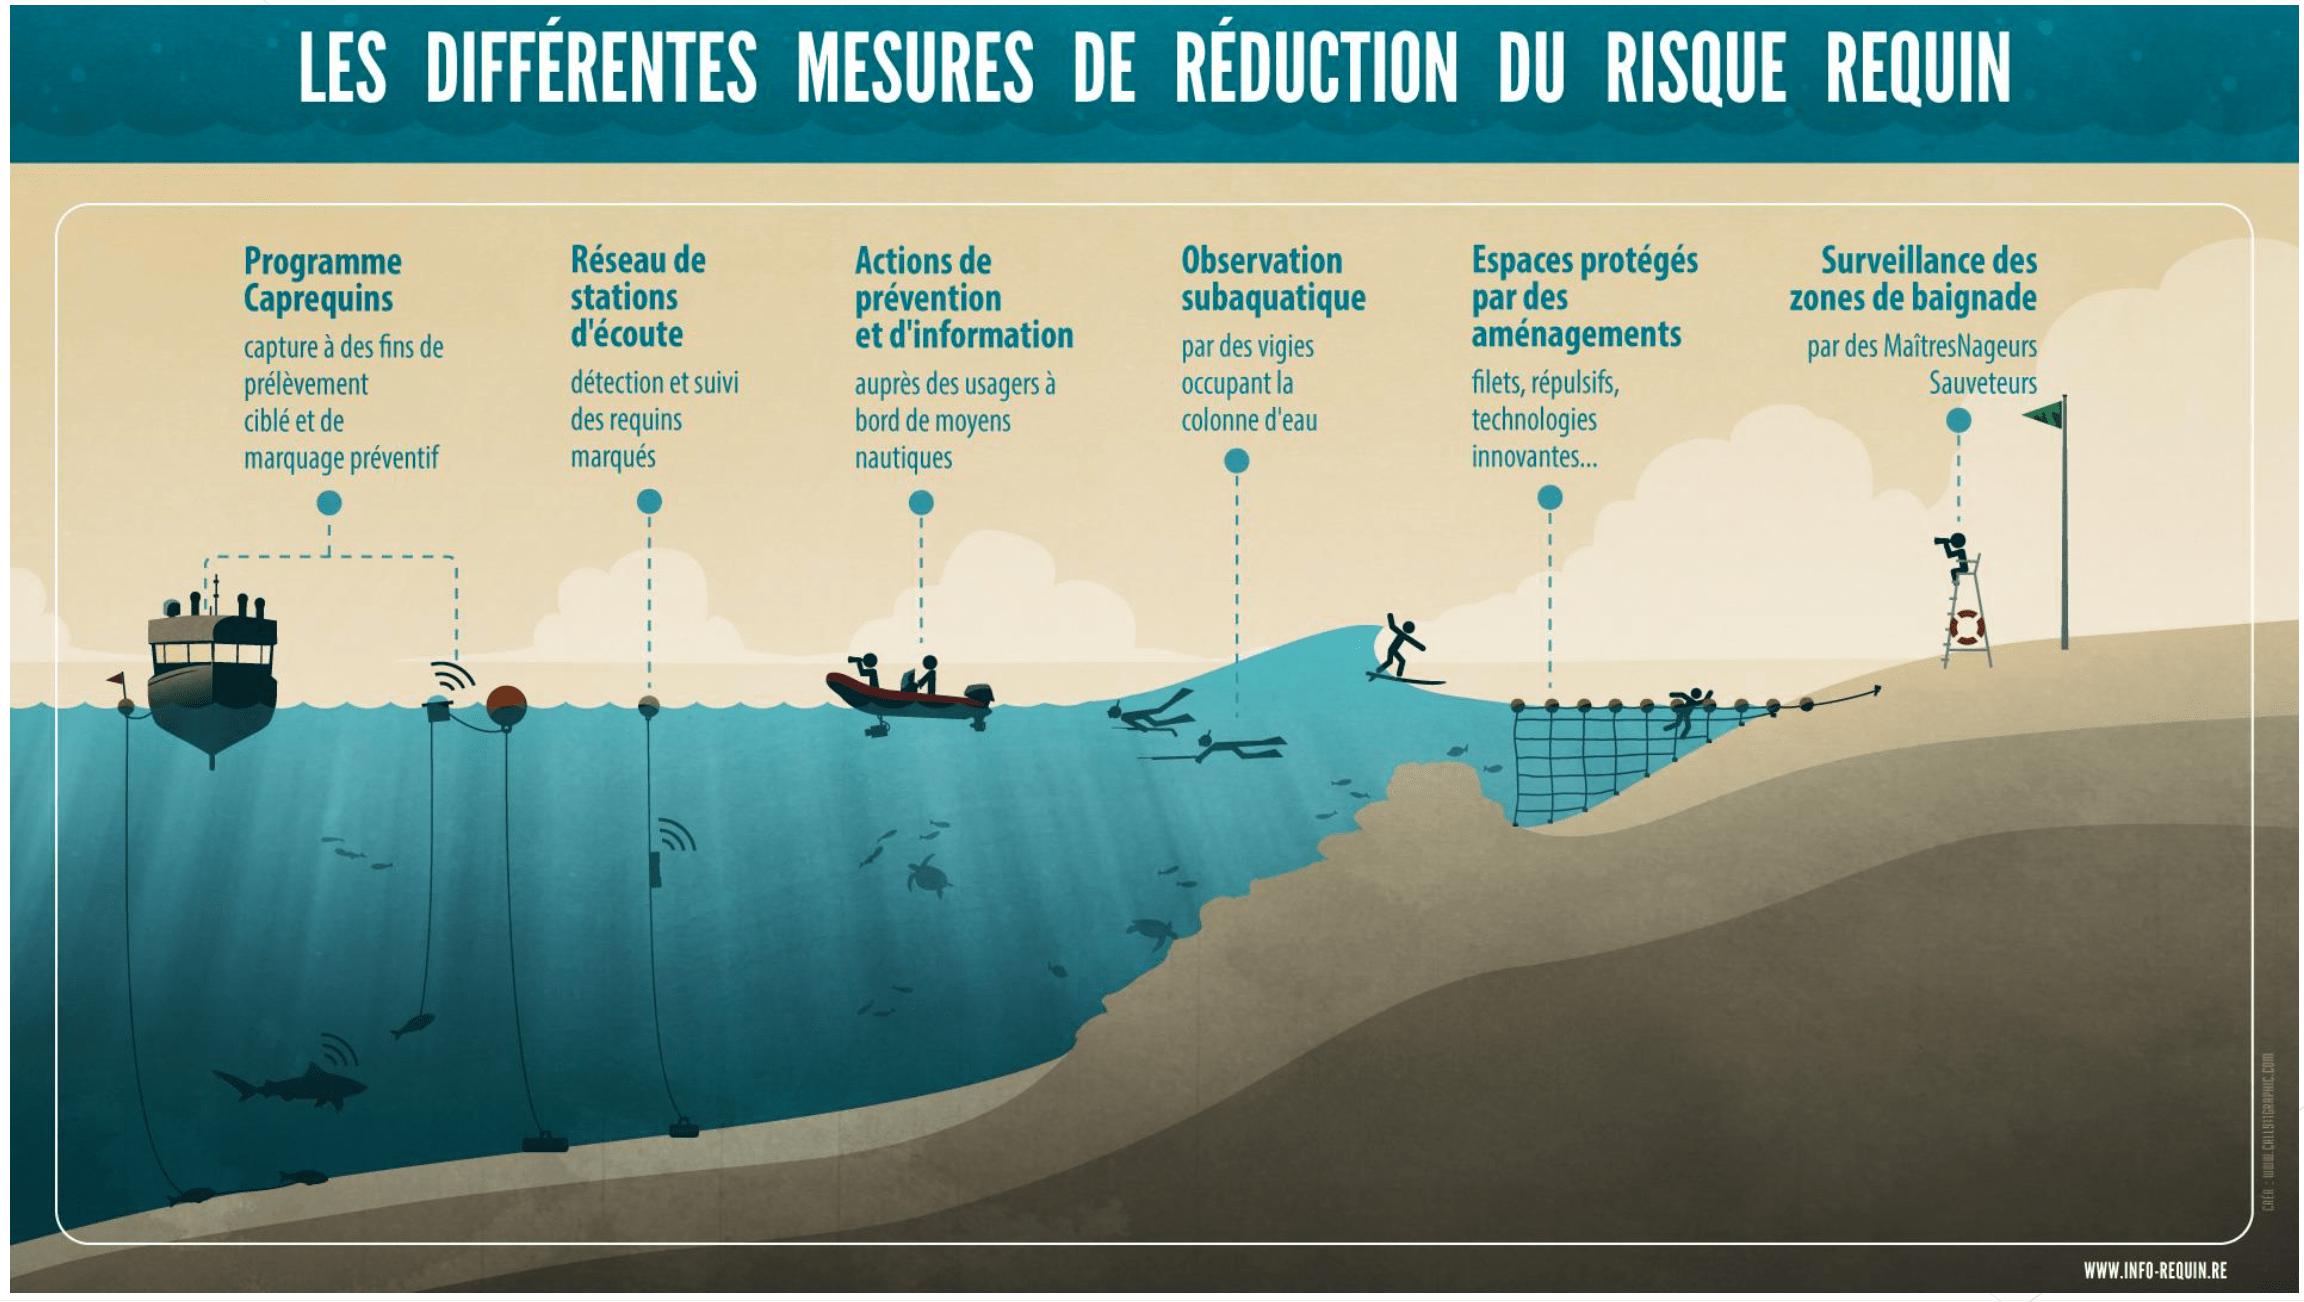 Plan-réduction-risque-requins-réunion